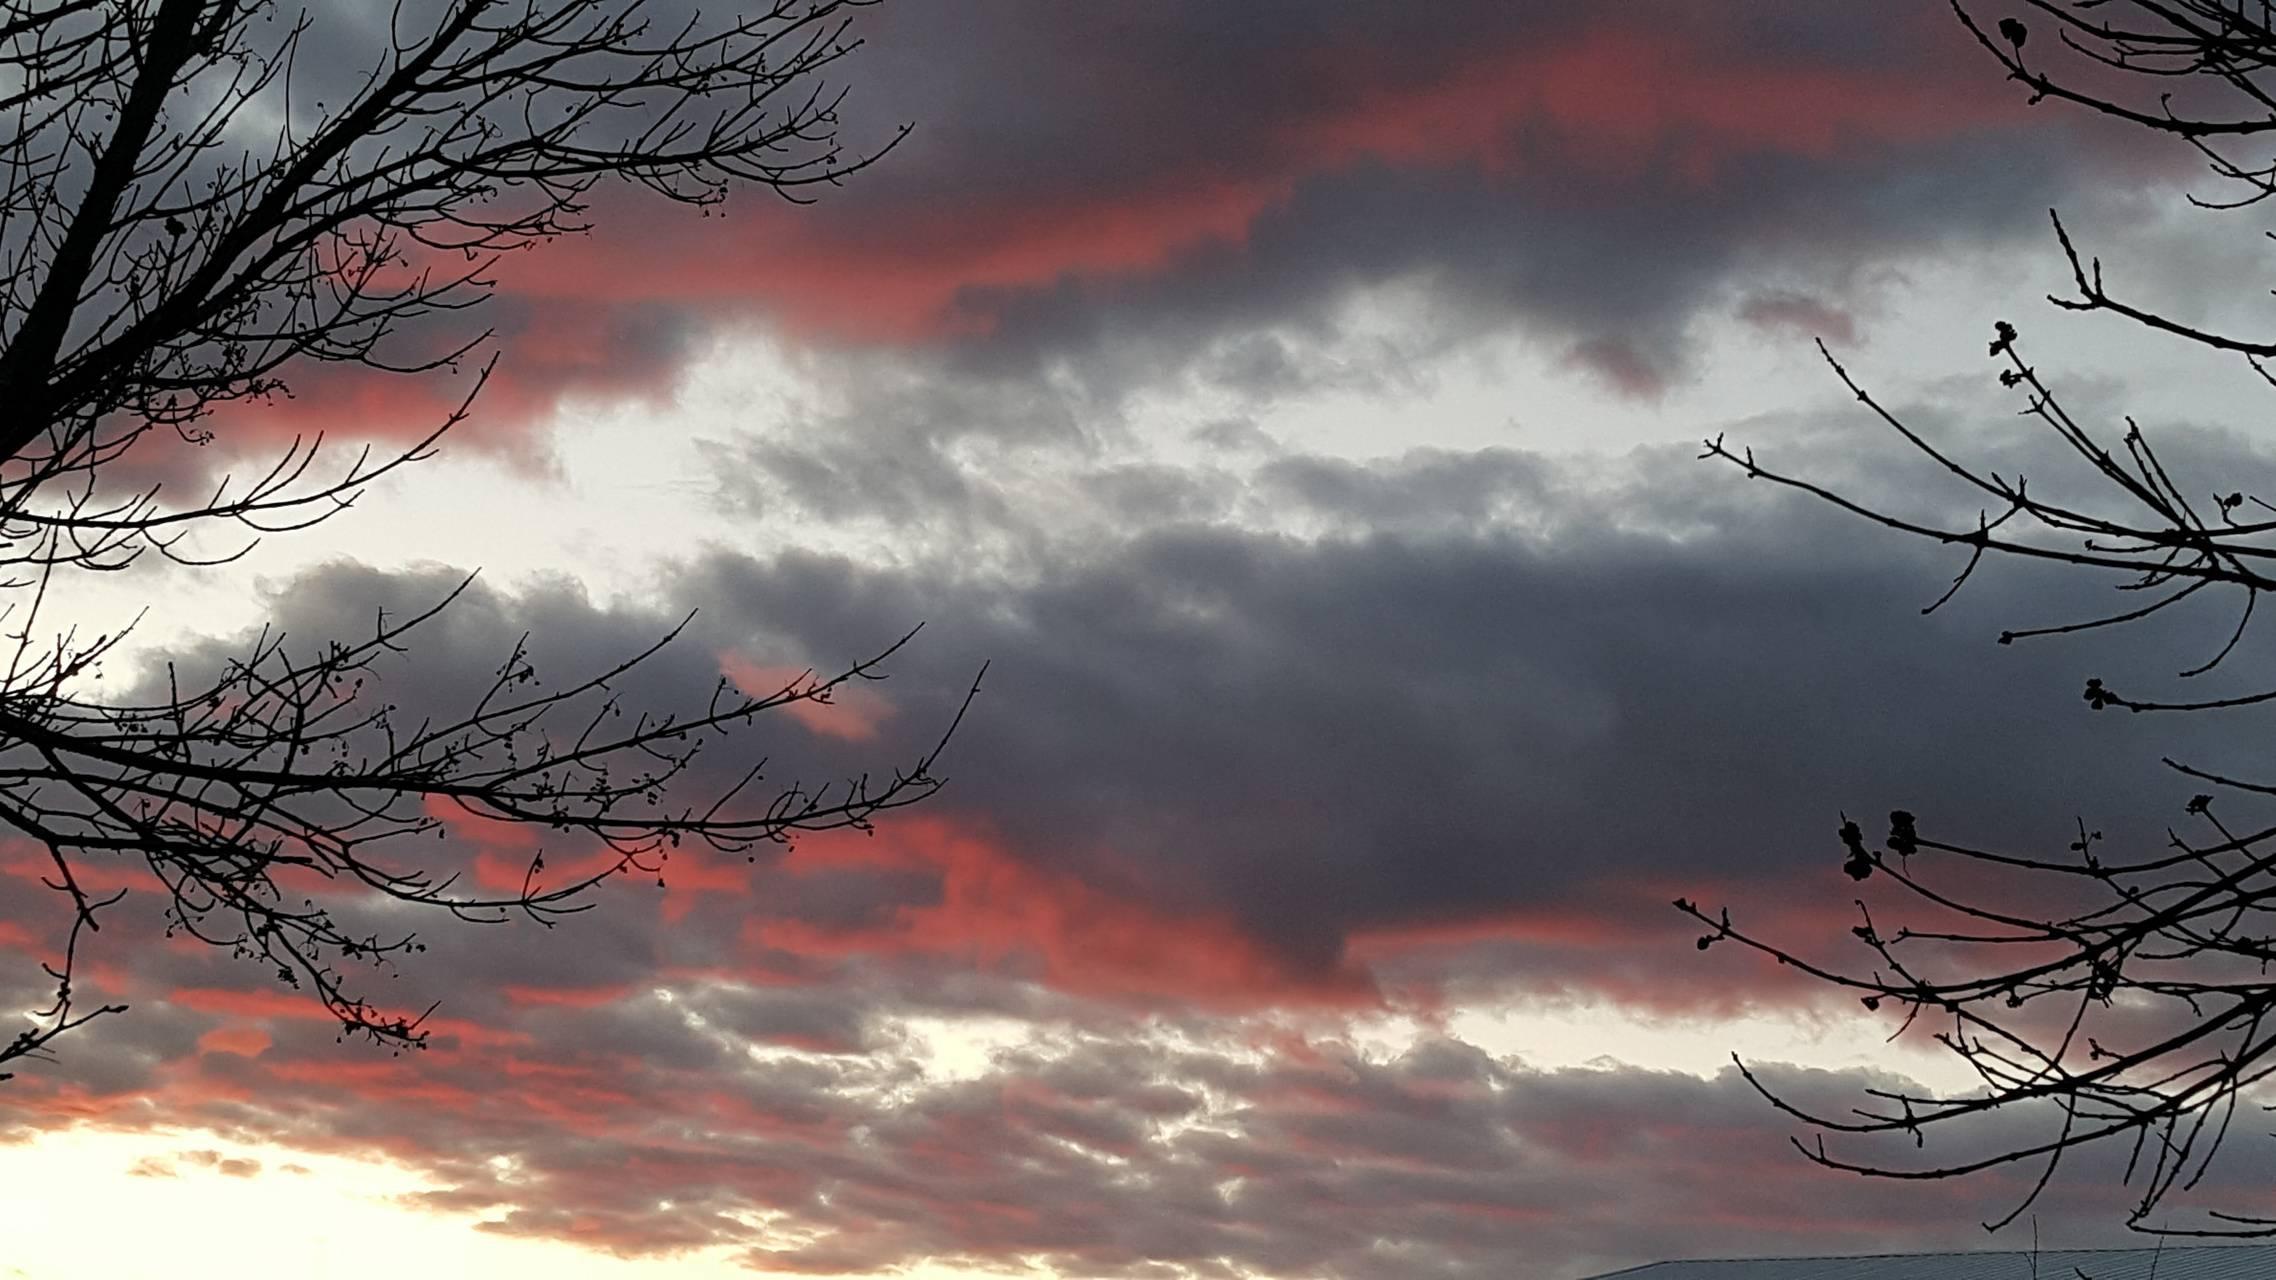 Cool looking sky